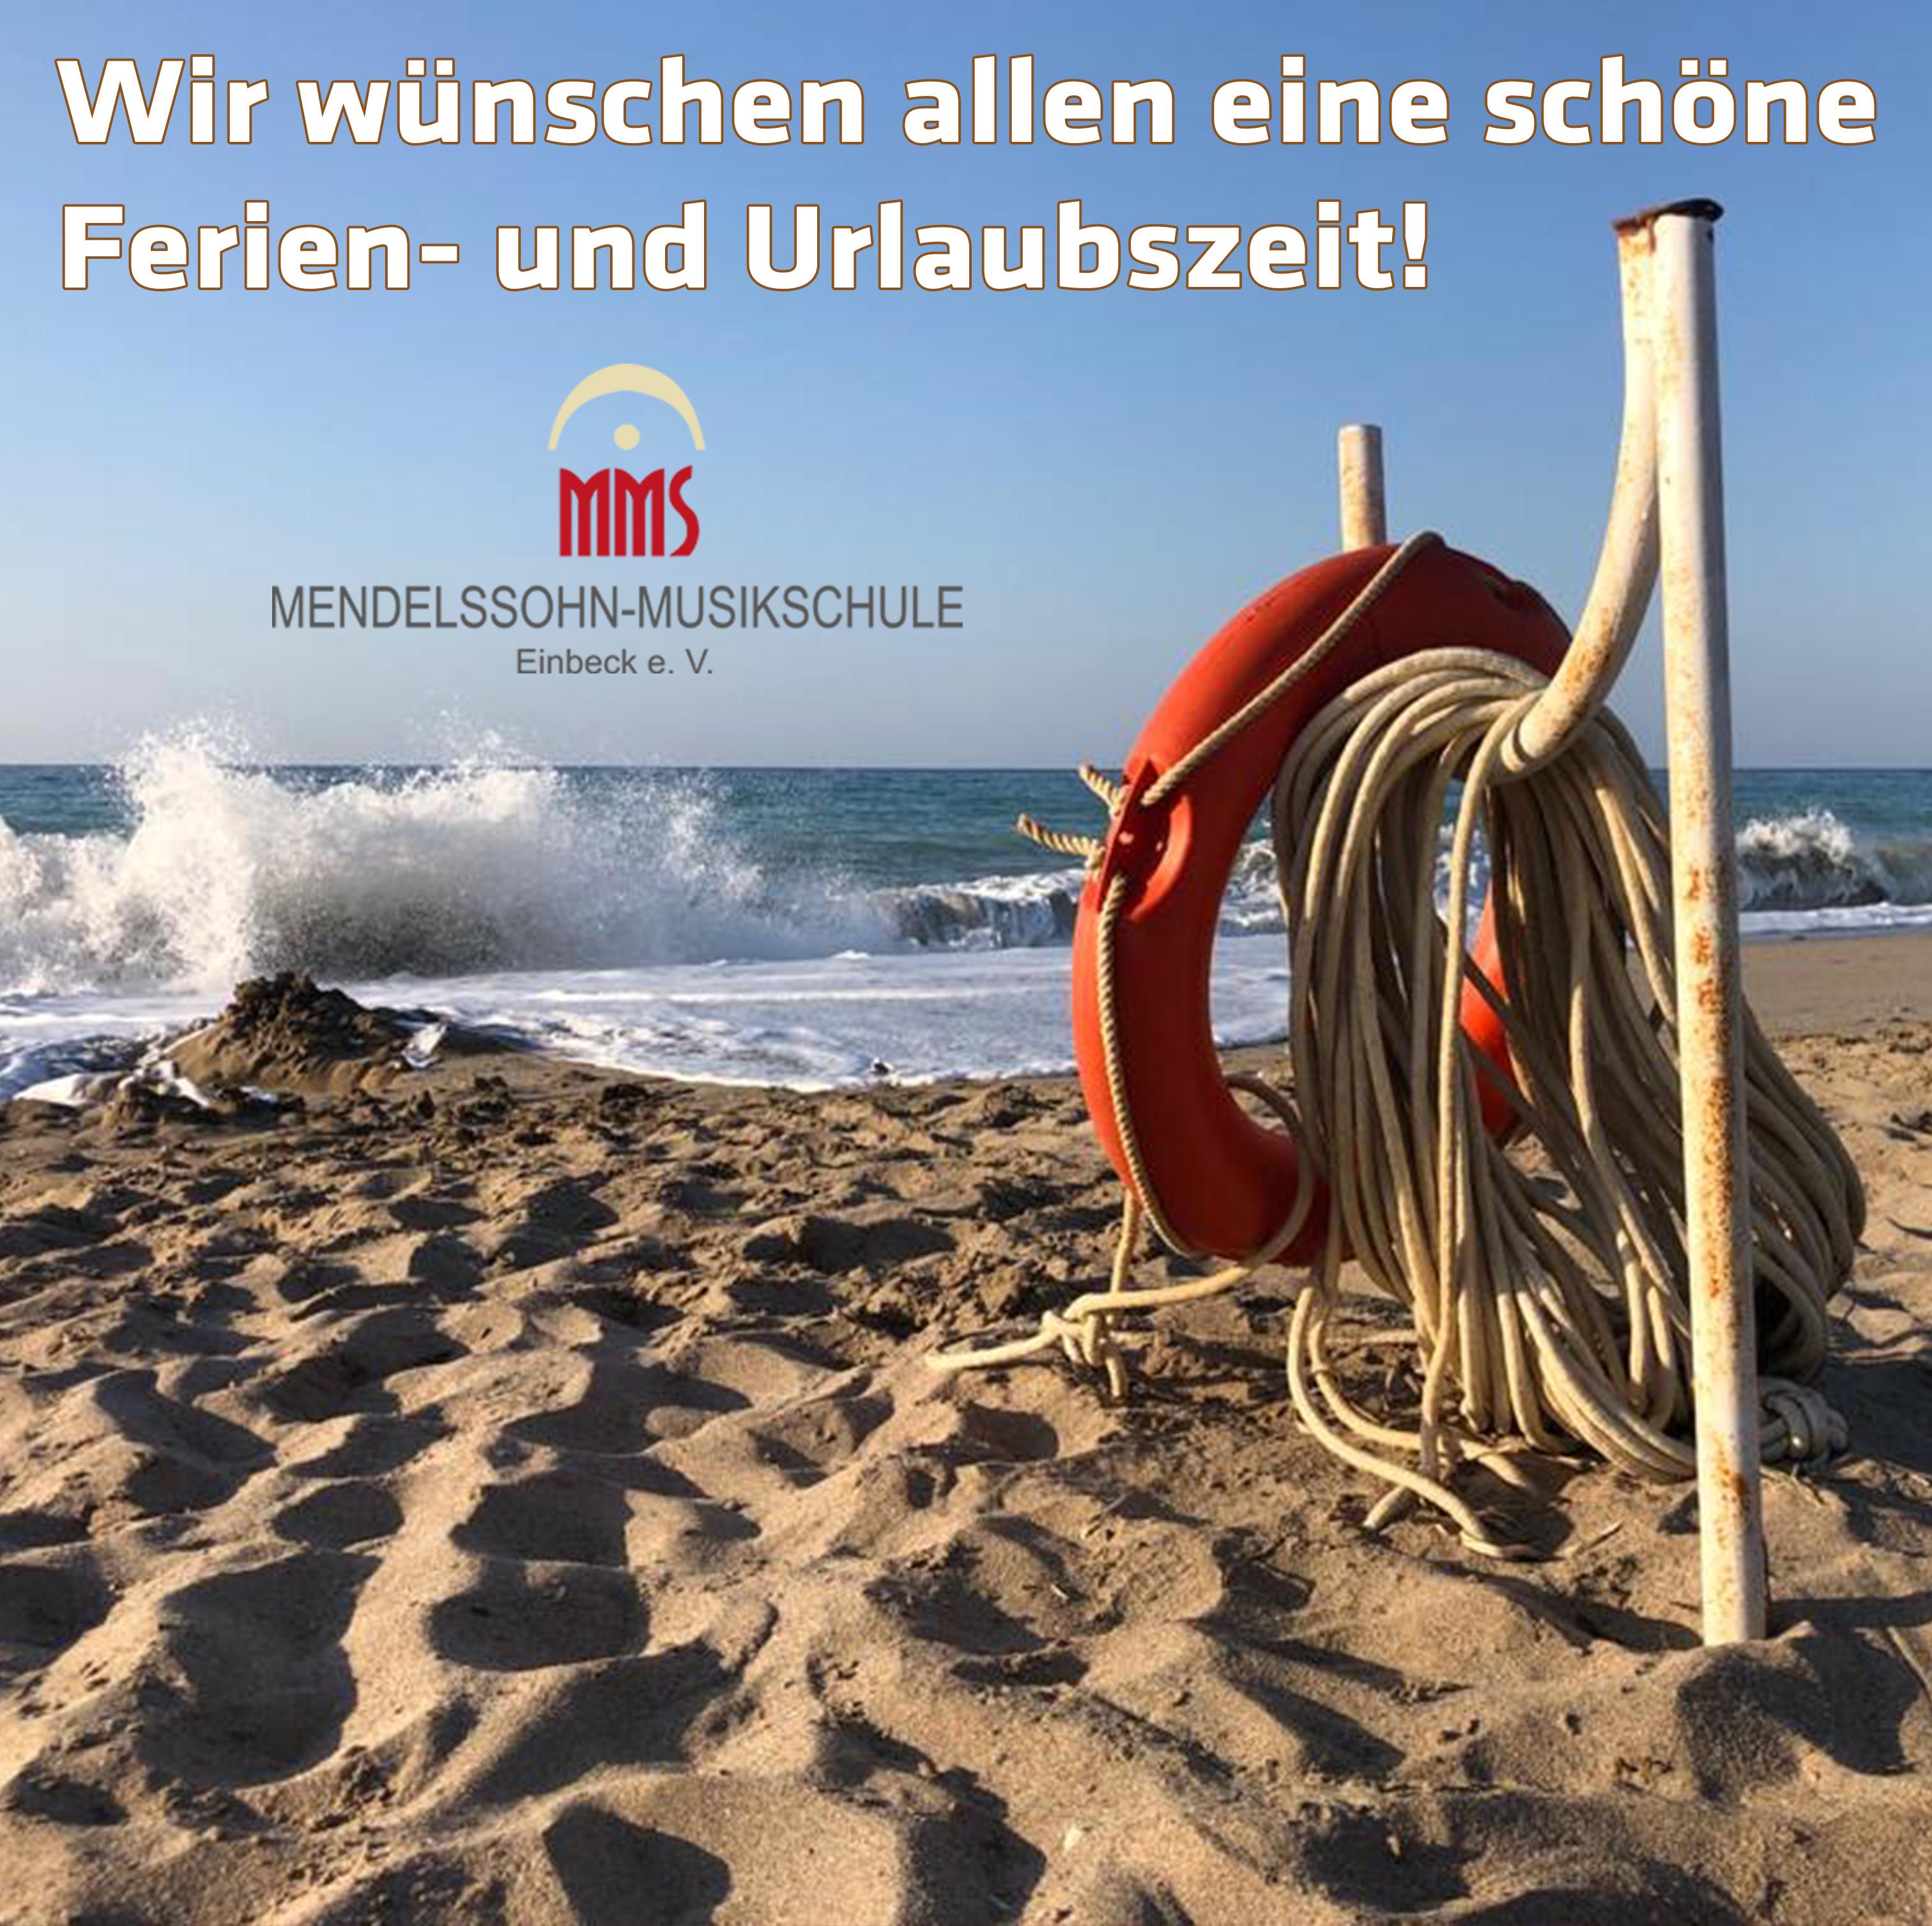 Wir wünschen allen eine schöne Ferien- und Urlaubszeit!